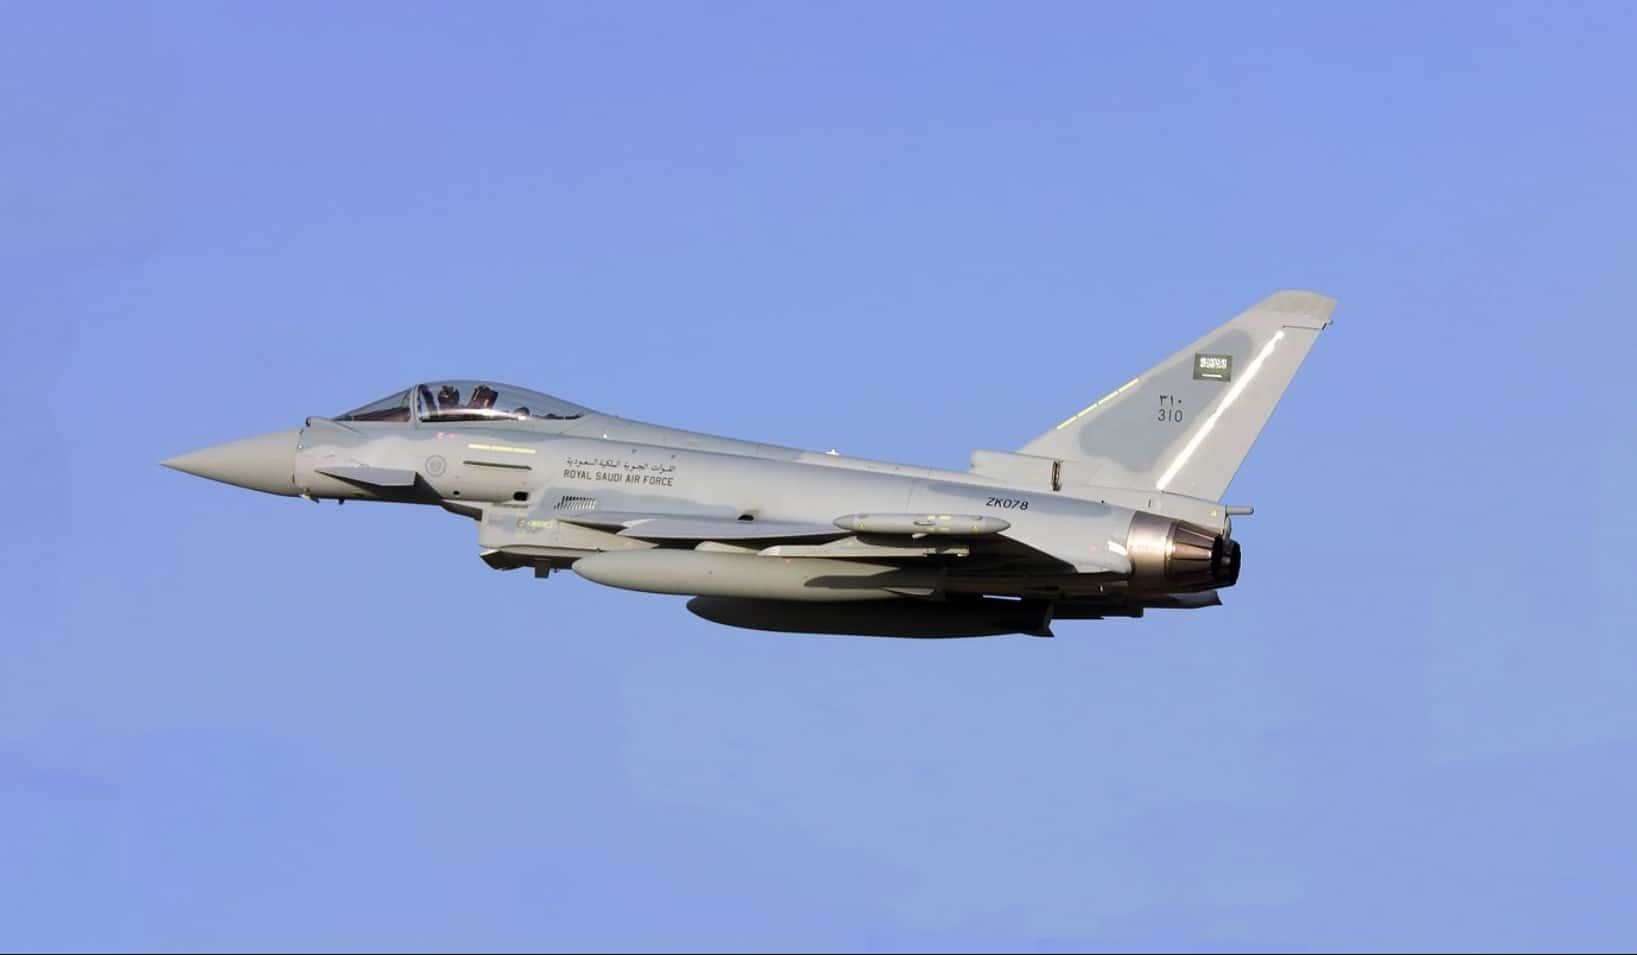 Der Eurofighter im Einsatz der Saudischen Luftwaffe. (Bild von Lighthouse Reports)